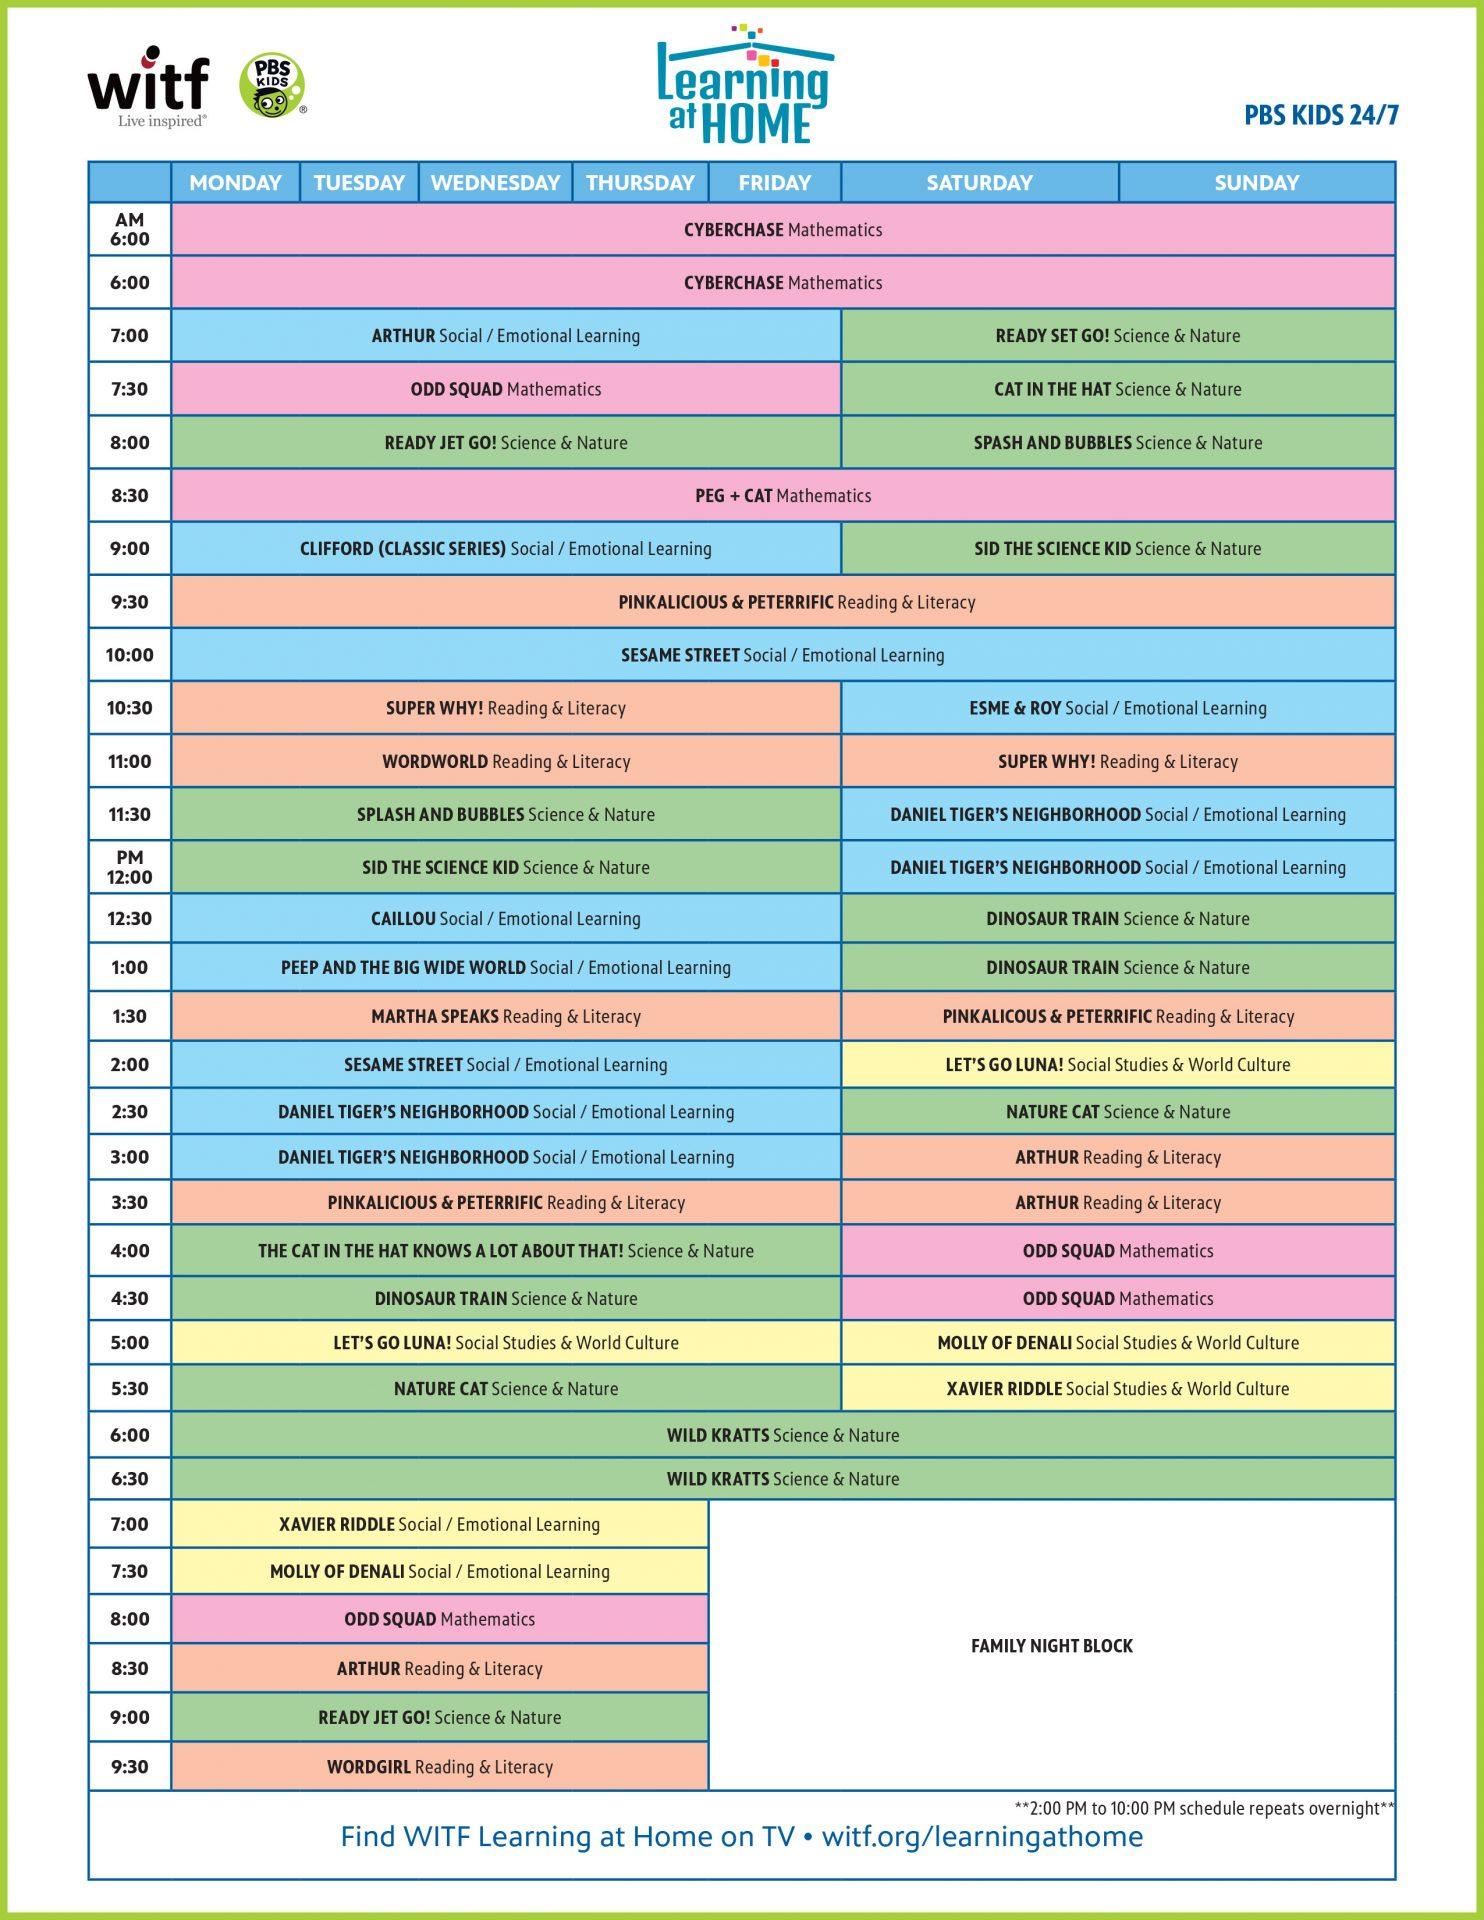 PBS Kids 24/7 Channel Schedule